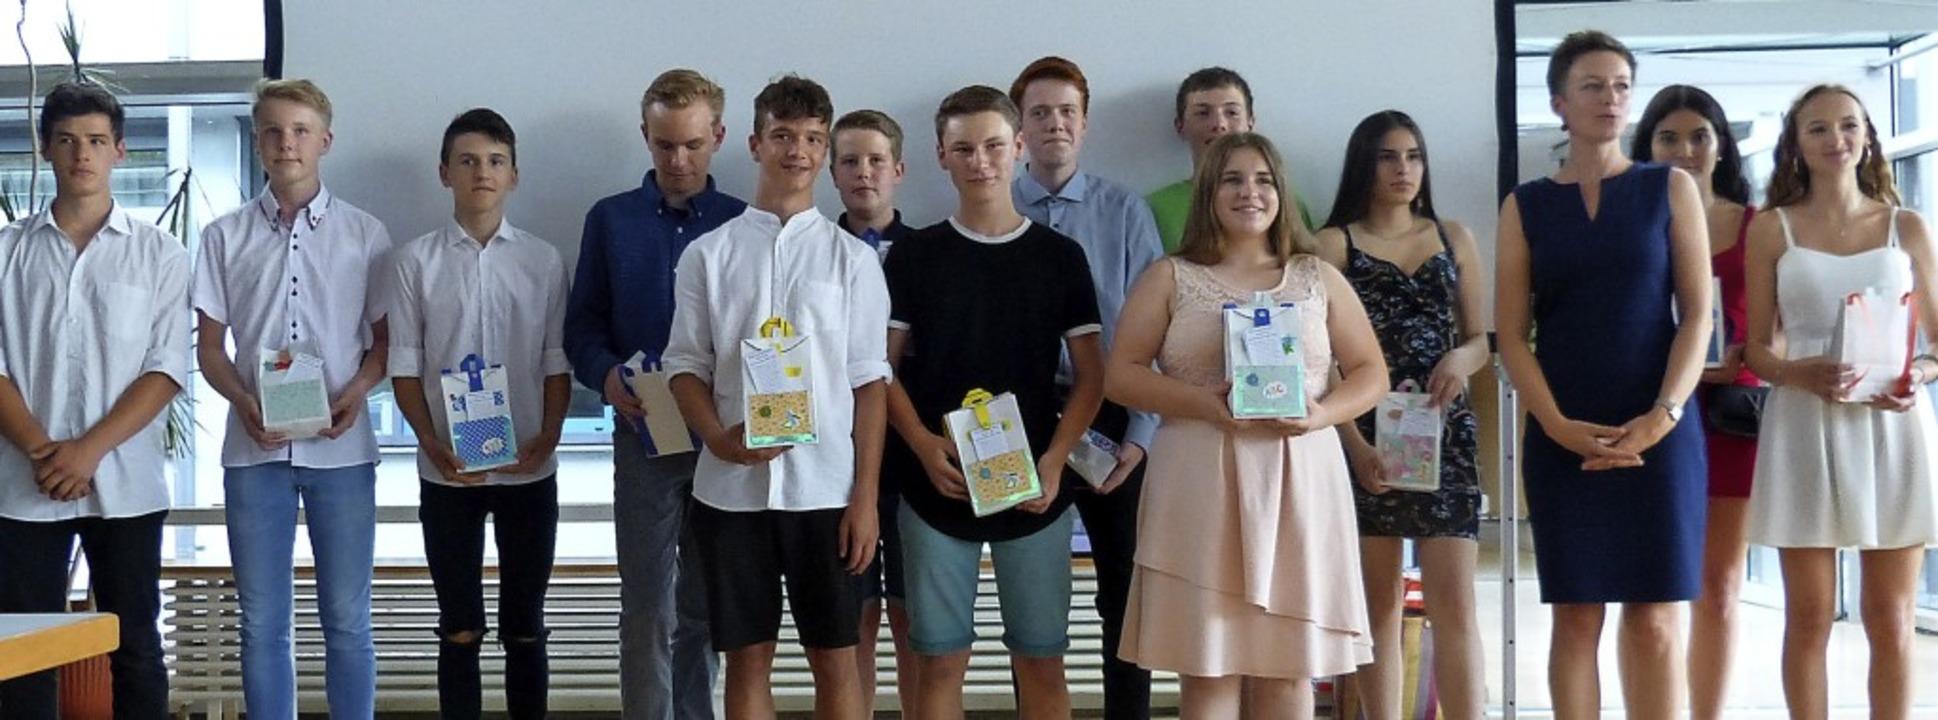 14 stolze Absolventen der Ihringer Gem...rechts) über den Hauptschulabschluss.   | Foto: Susanne Bremer